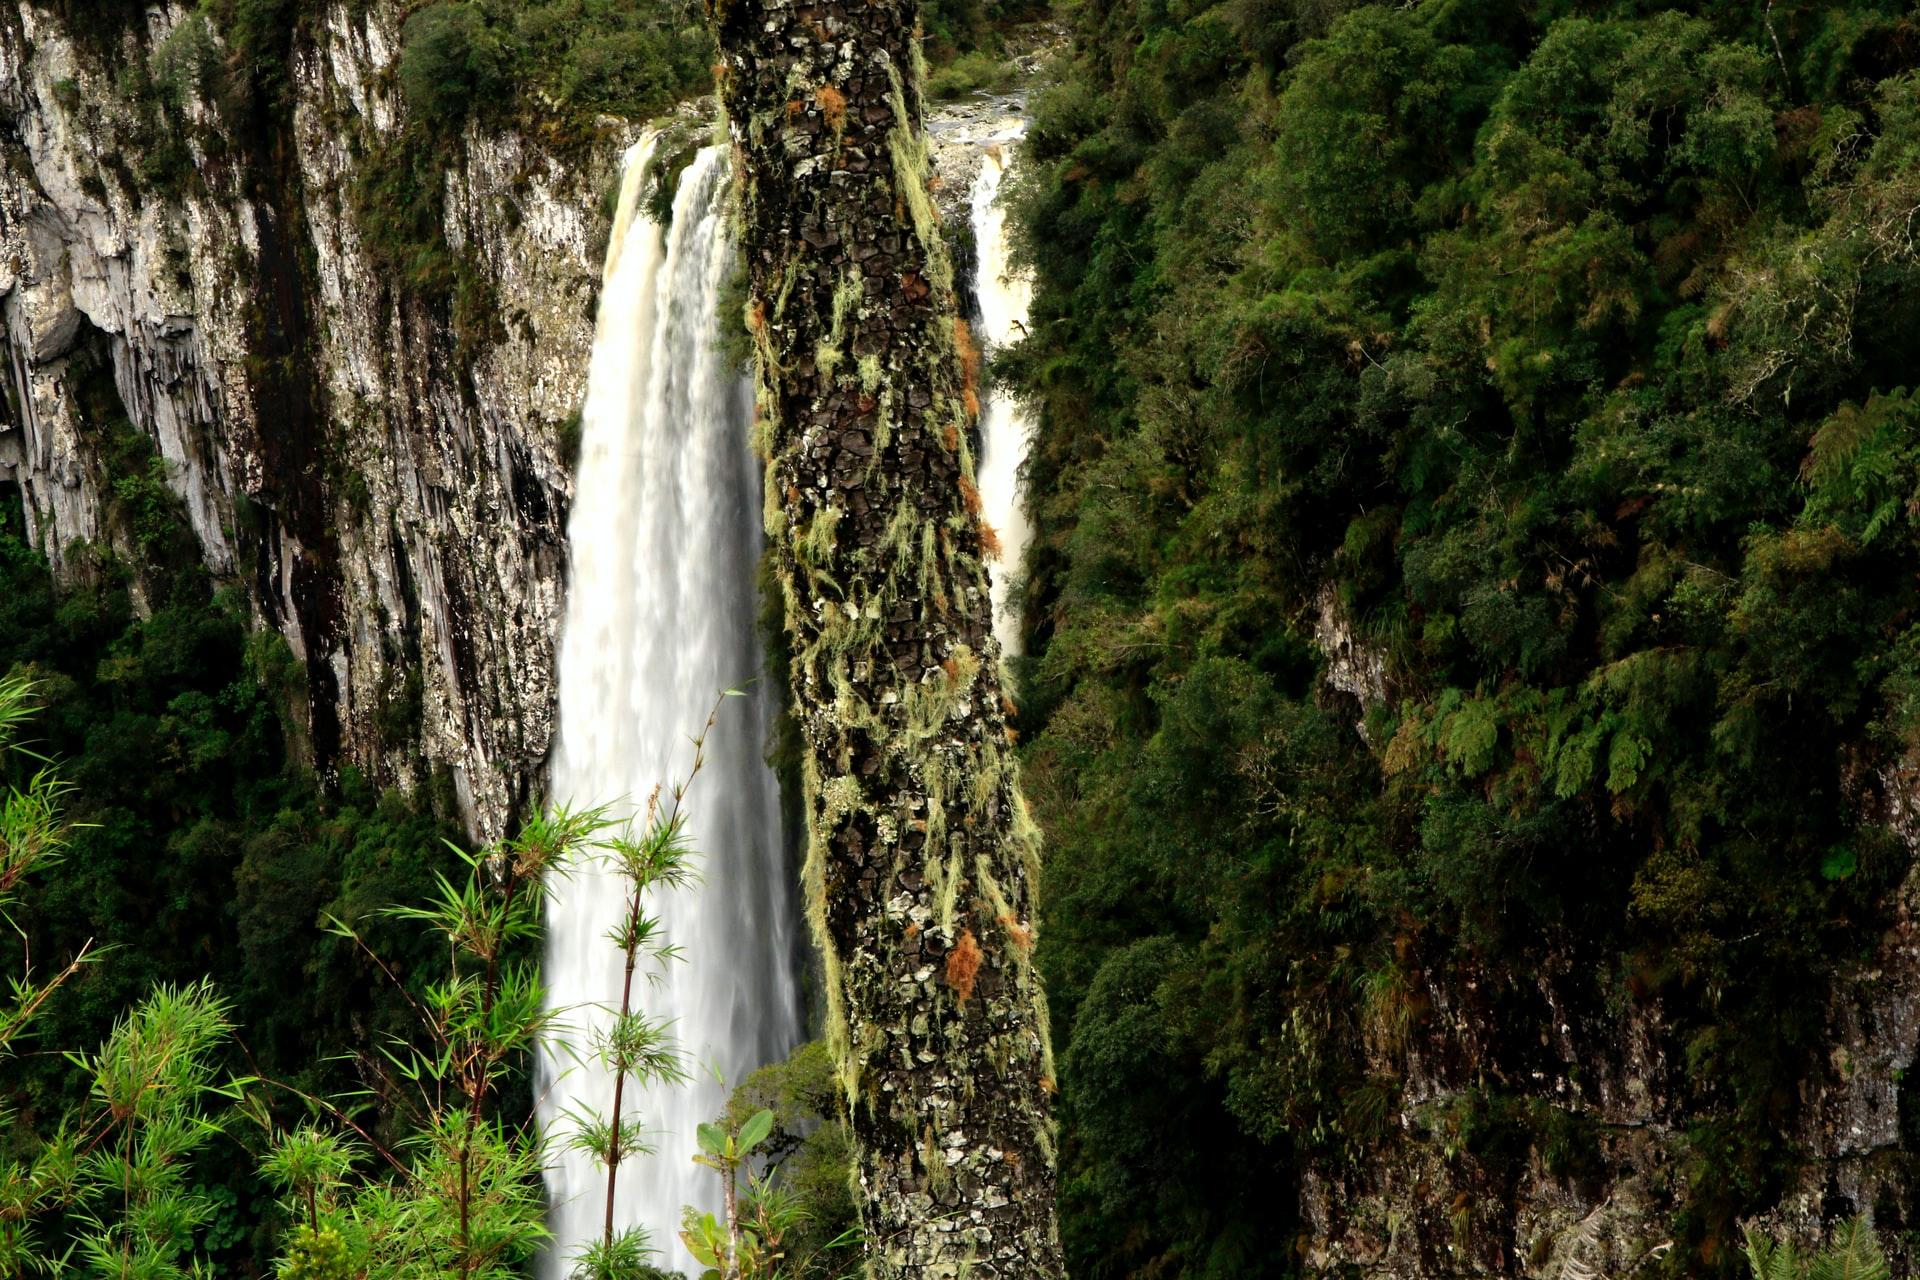 cachoeira no canion itaimbezinho em cambará do sul